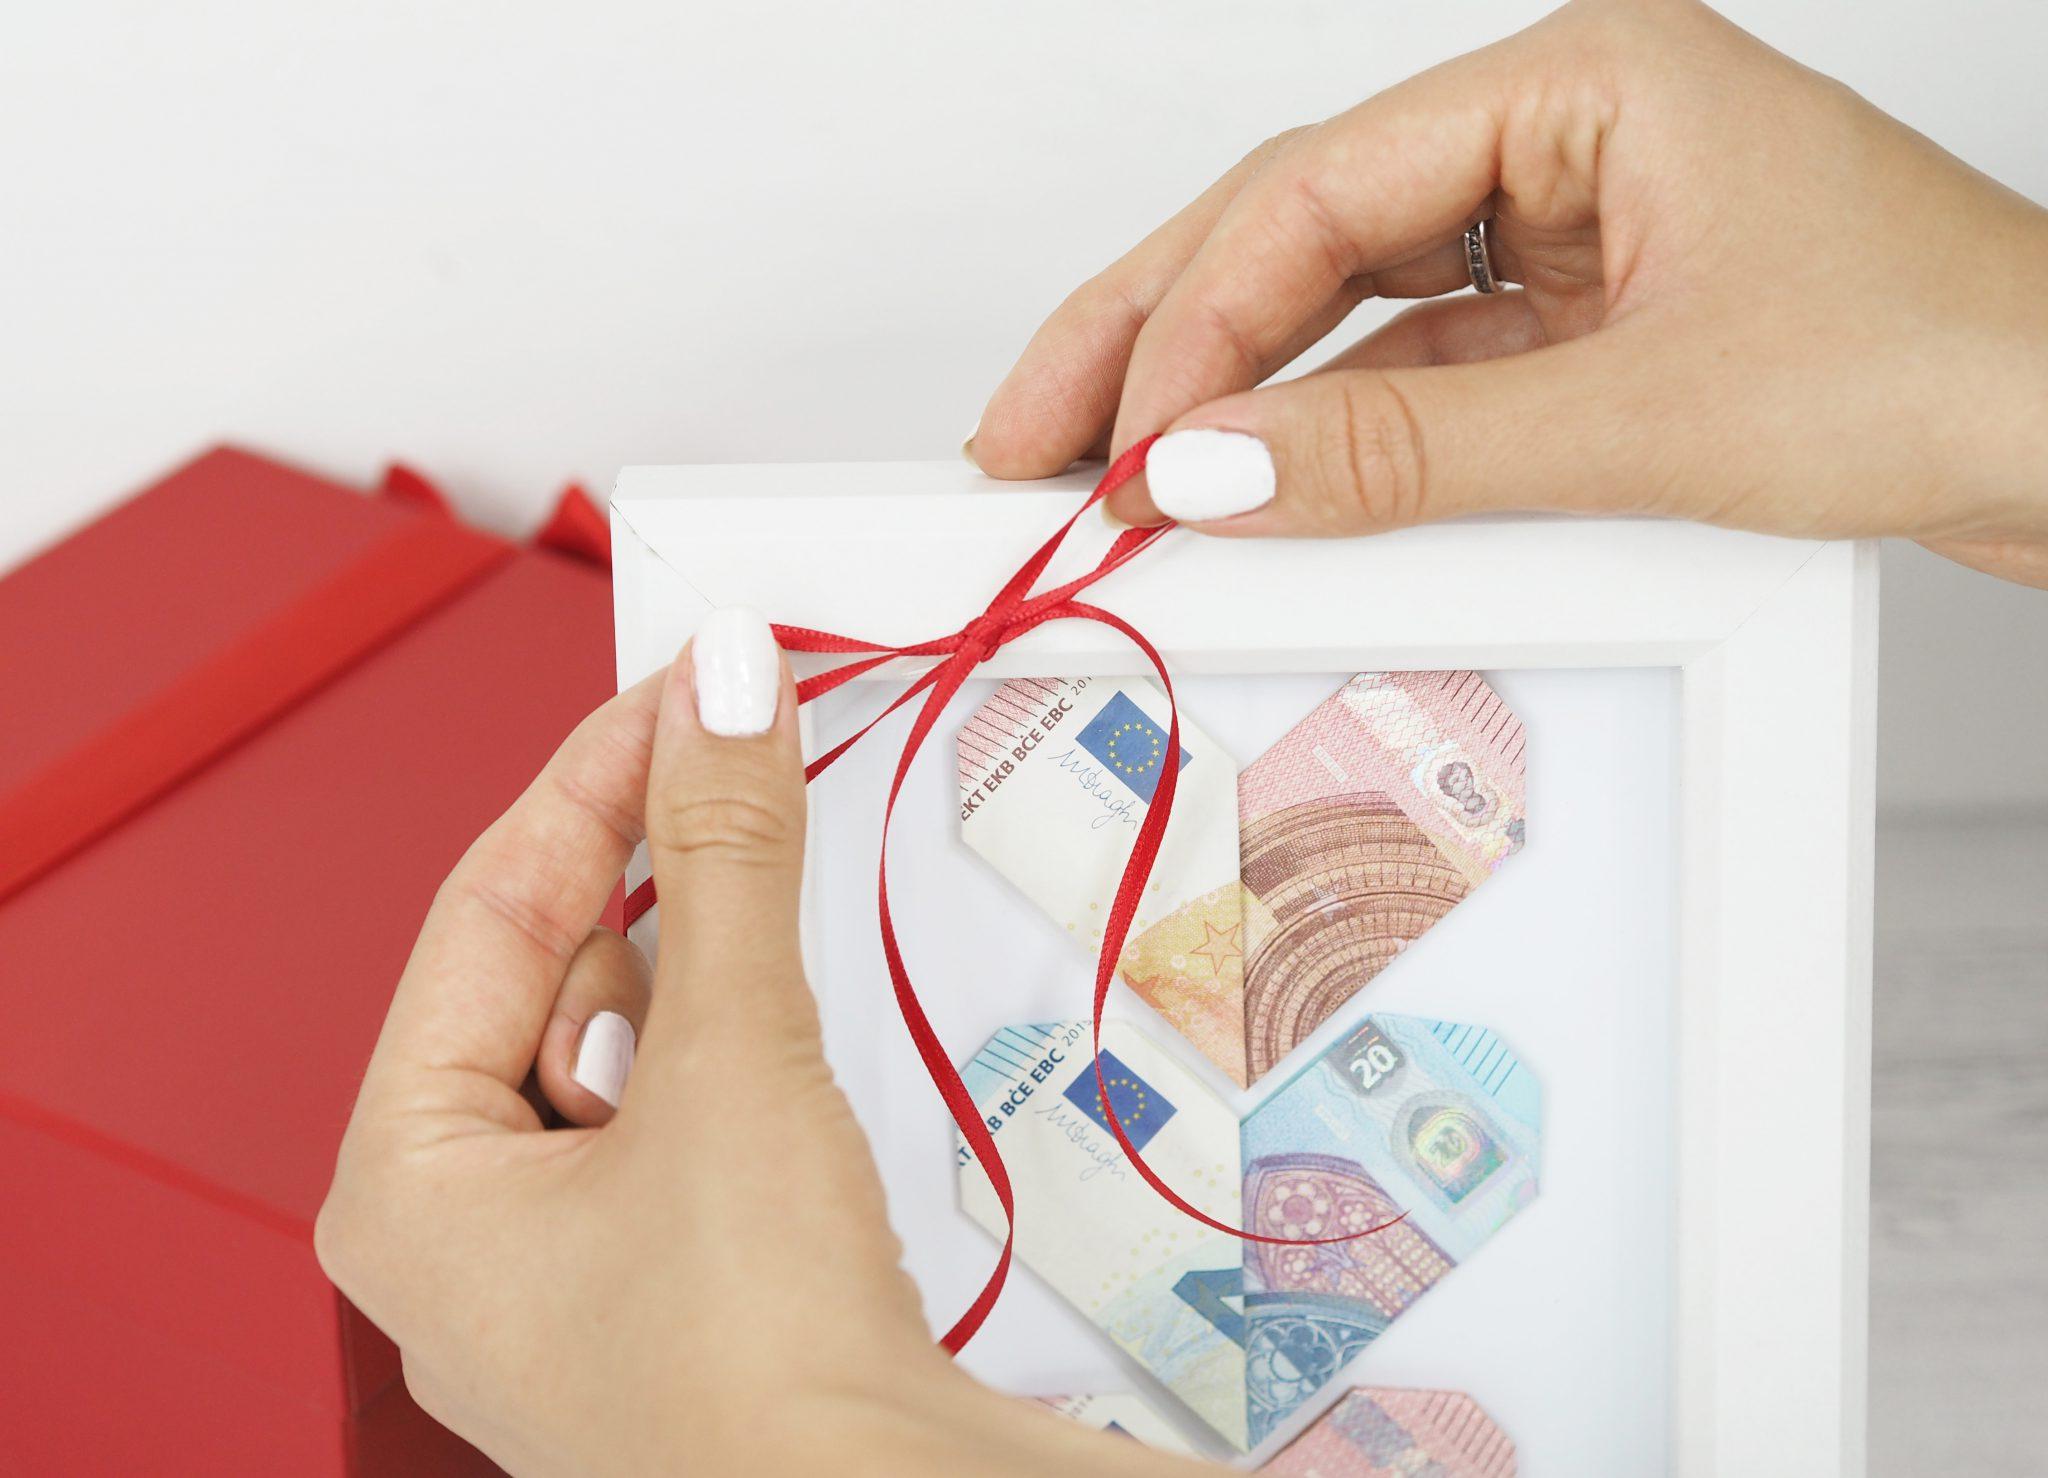 P8080413bearb. 1 - Geldgeschenk basteln: So faltest Du Herzen aus Geldscheinen